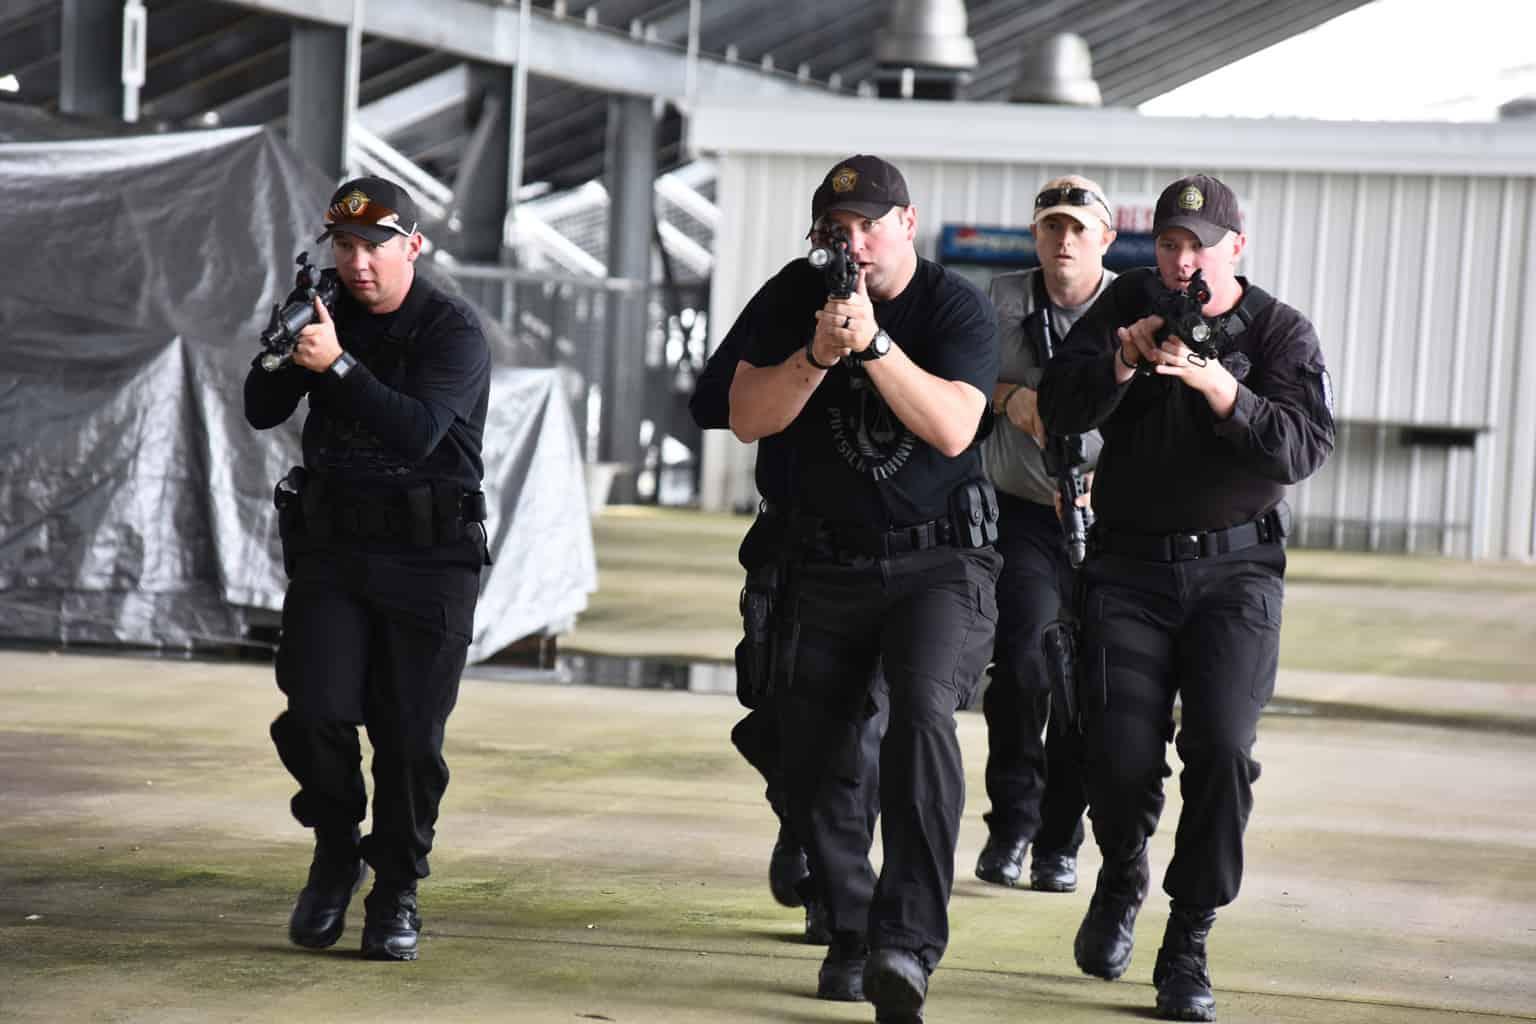 swat-response-to-a-public-venue-10